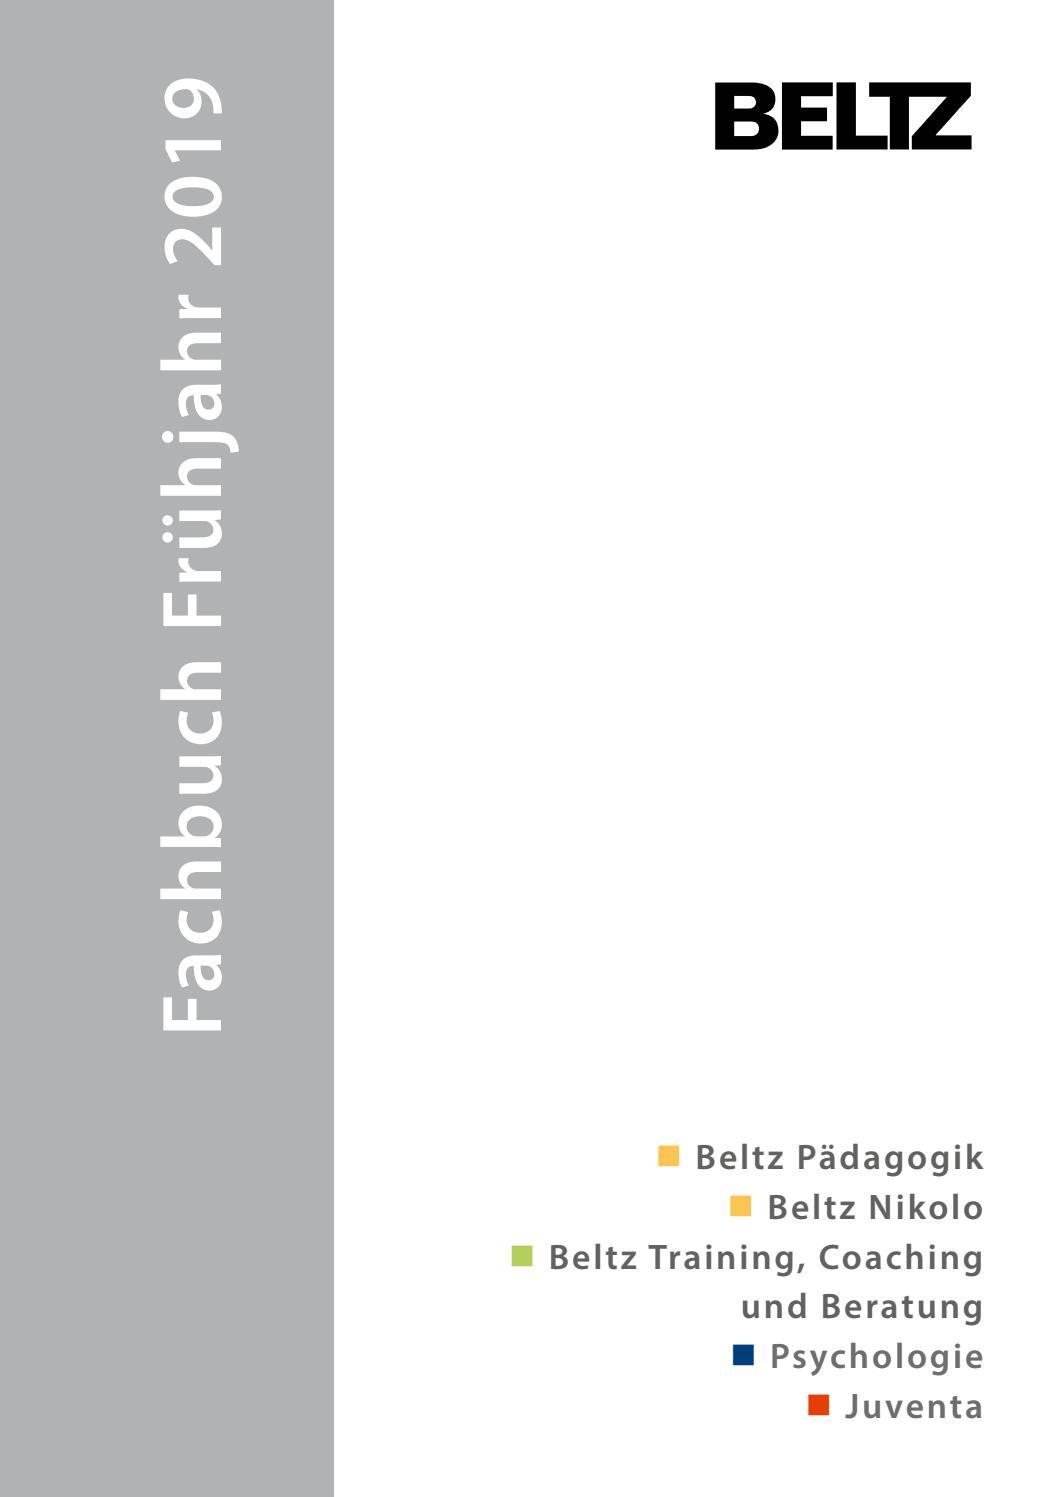 Fachbuch Vorschau Frühjahr 2019 by Verlagsgruppe Beltz - issuu